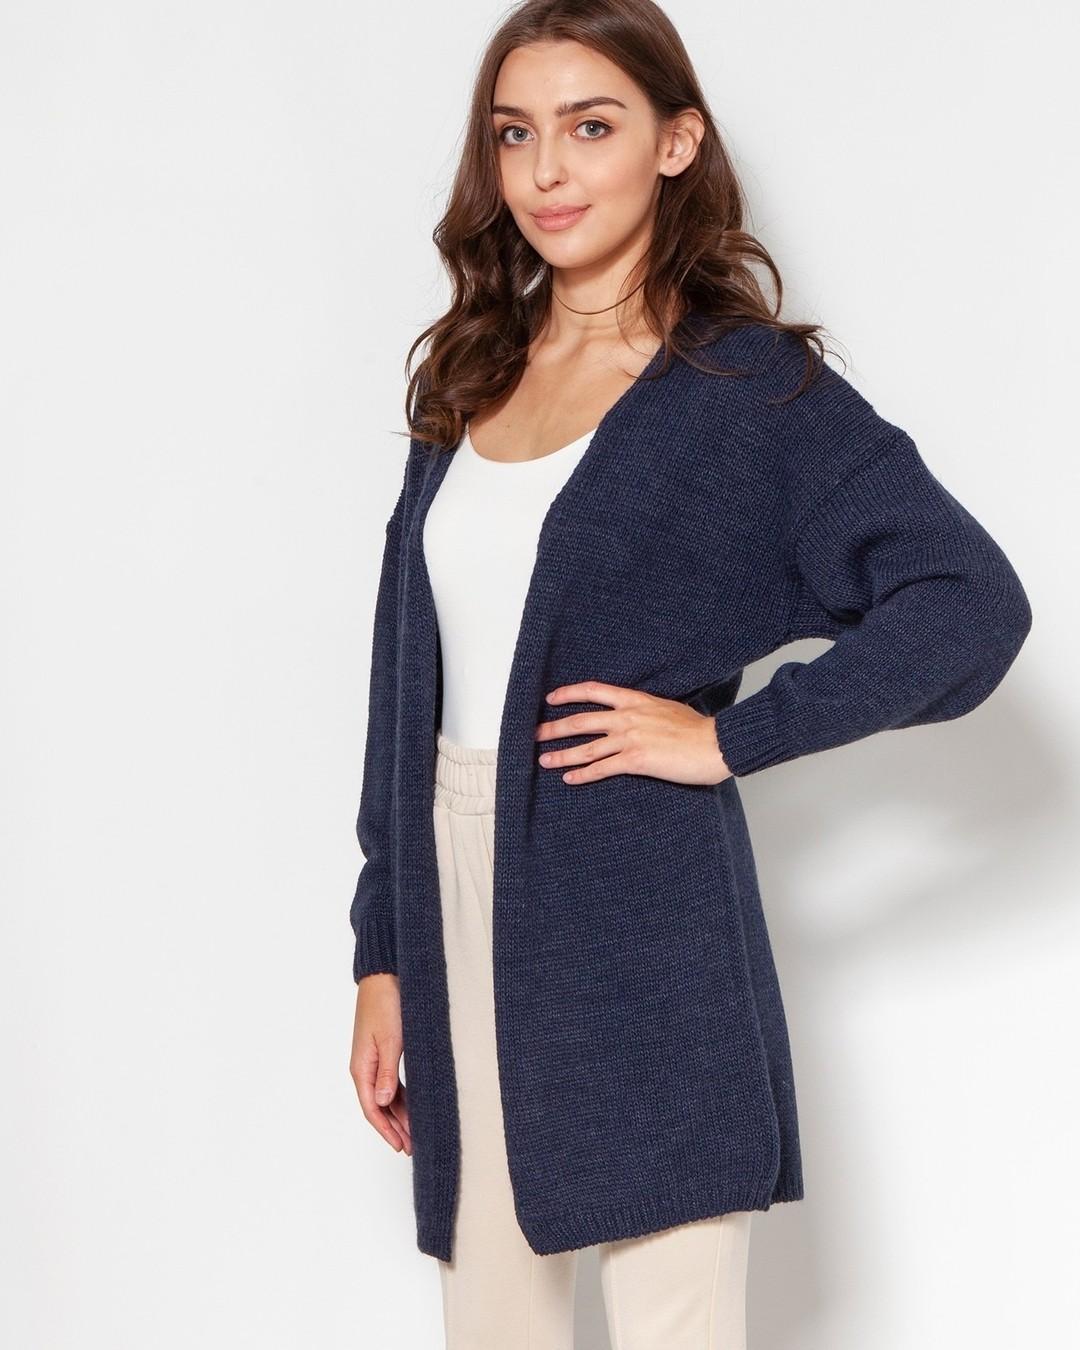 Sweter-ideał dla minimalistek - żadnych pasków, klamerek, guzików, marszczeń, ozdób. Wykonany najprostszym ściegiem z lekkiej i przyjemnej w dotyku melanżowej włóczki. Długie rękawy pozwalają schować w sobie zmarznięte dłonie. Posuje dosłownie do wszystkiego, dlatego będziesz wciąż i wciąż po niego sięgać (a wielokrotne używanie ubrań jest bardzo eko). #fashion #style #love #snow #ootd #winter #fashionblogger #instafashion #new #streetstyle #look #newcollection #lookoftheday #christmastree #shoes #fashionista #trend #shopping #outfitoftheday #cold #inverno #cool #sale #lookbook #holidays #lookdodia #fashiongram #streetfashion #sweter #swetry 1931